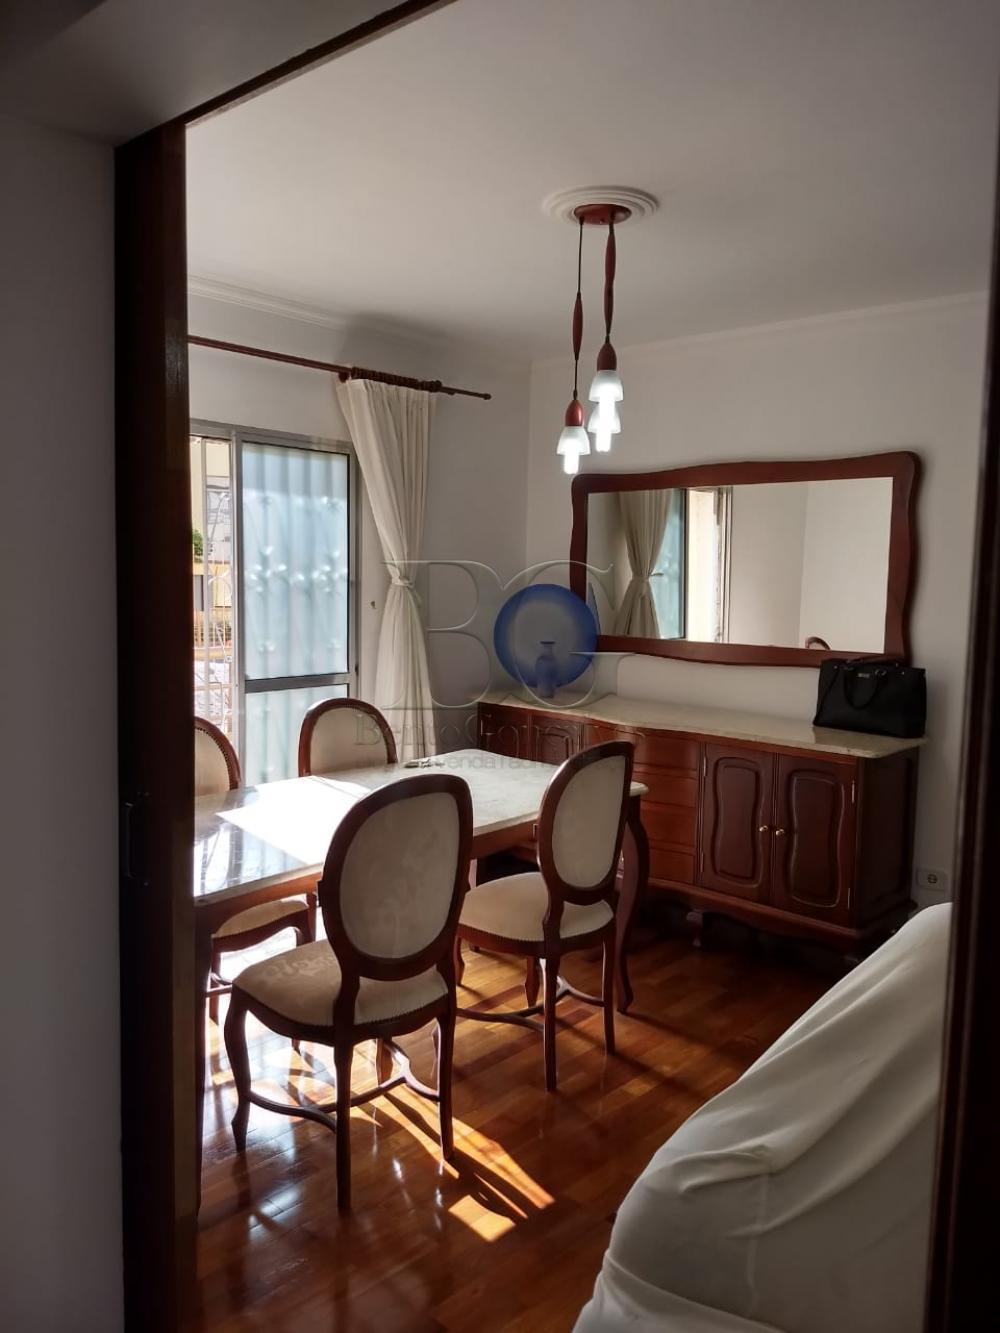 Comprar Apartamentos / Padrão em Poços de Caldas apenas R$ 270.000,00 - Foto 4